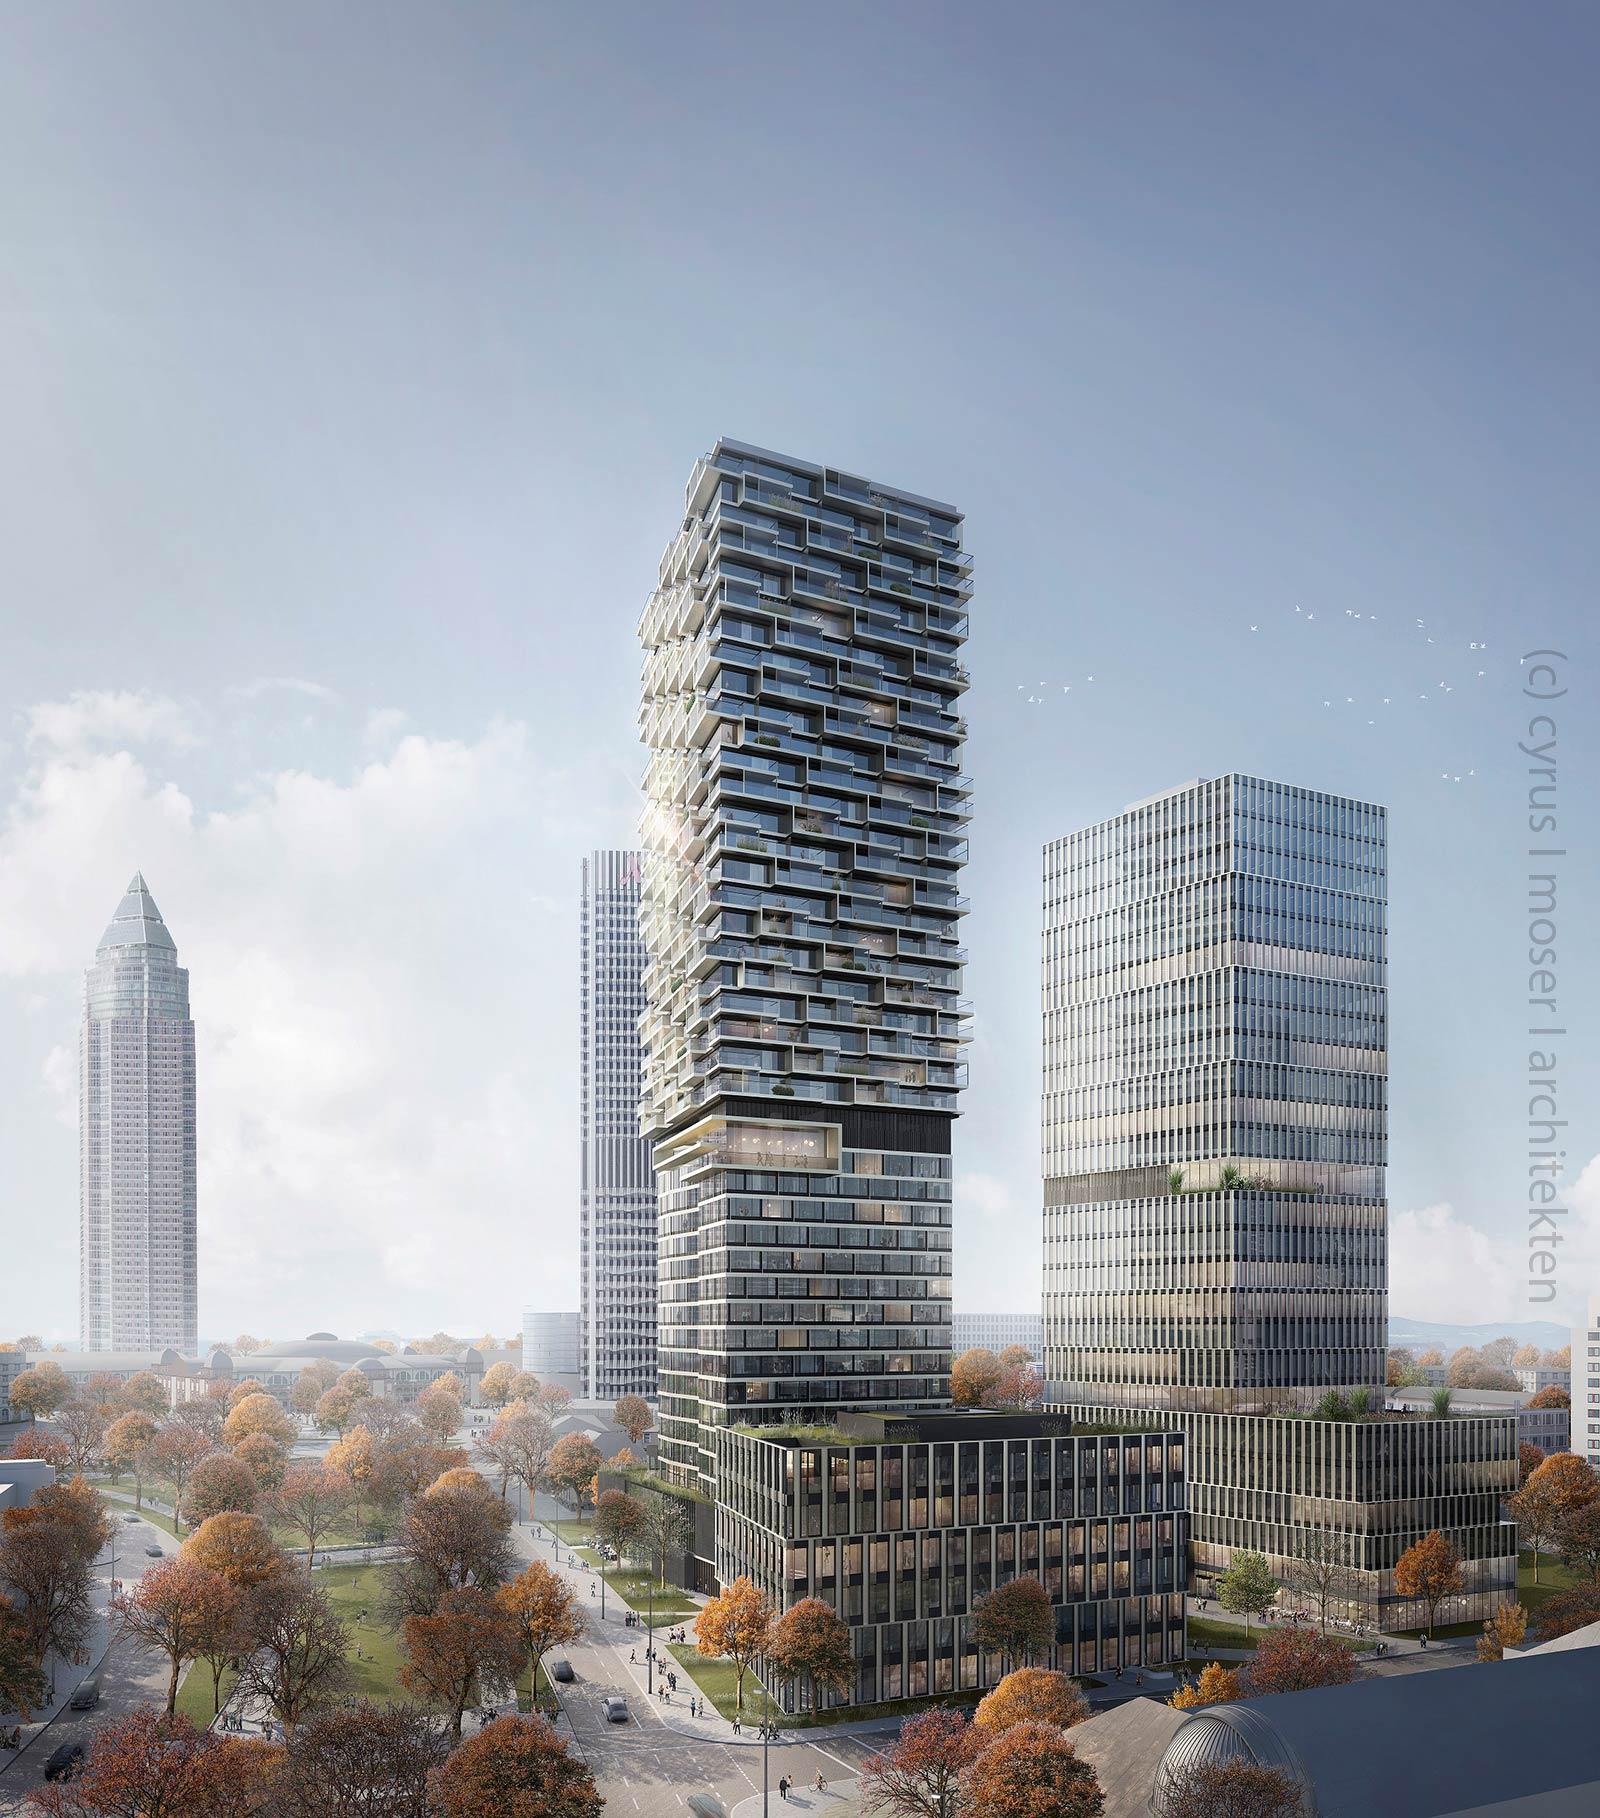 1 Und 1 Frankfurt